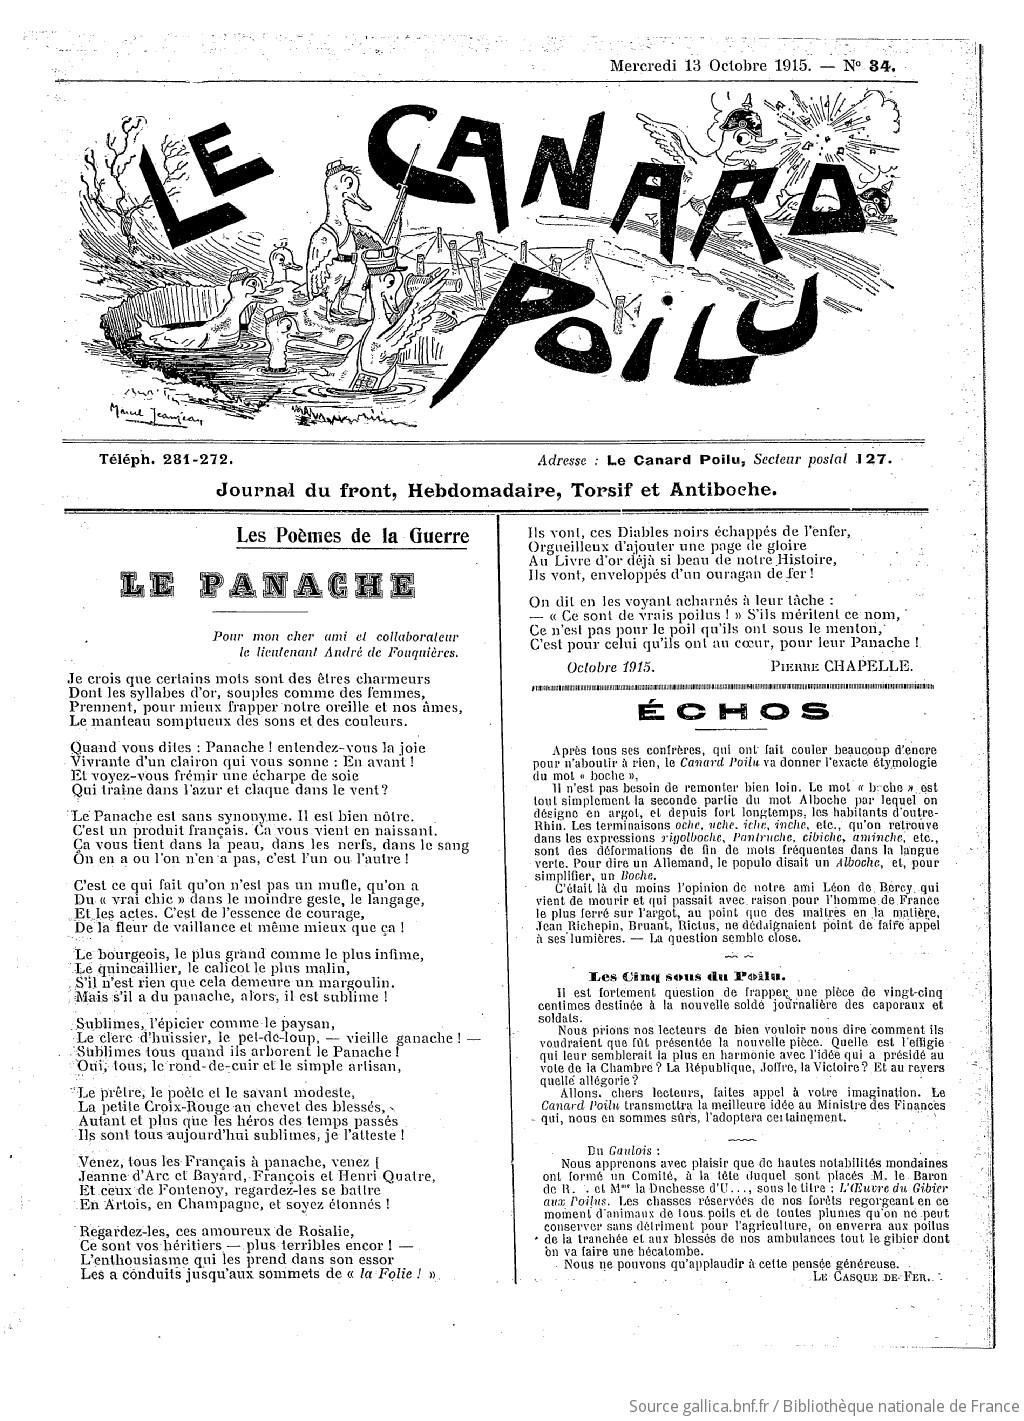 Le Canard Poilu Journal Du Front Hebdomadaire Torsif Et Antiboche